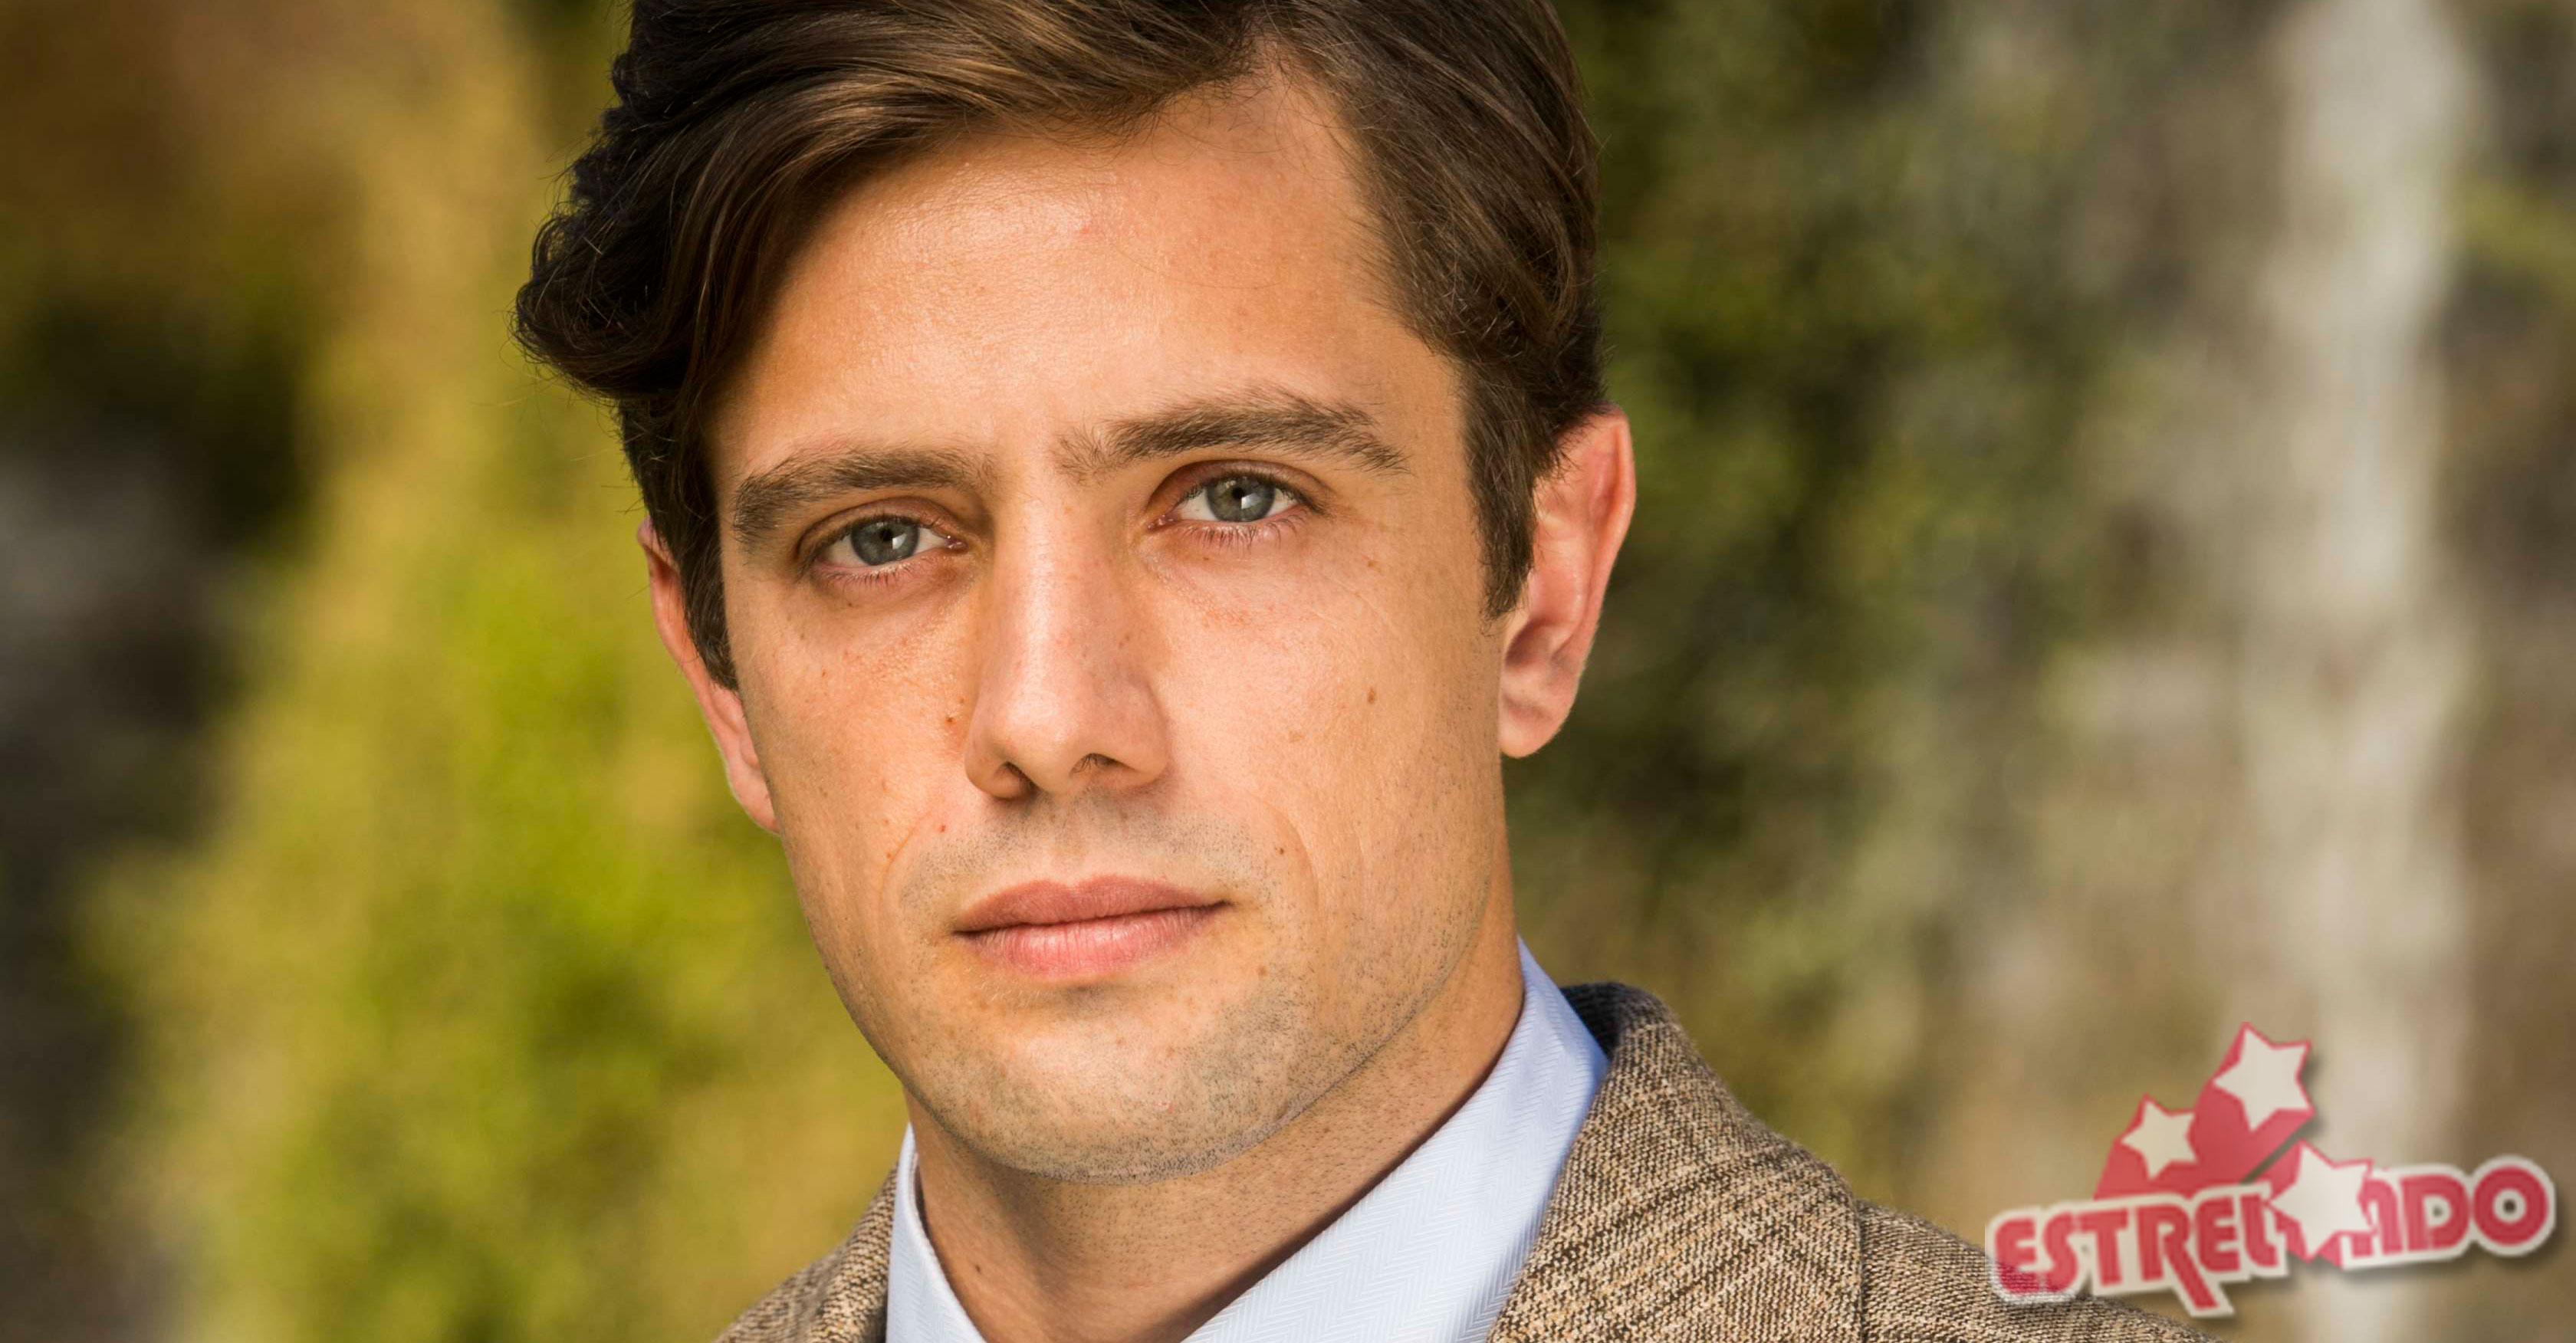 Rafael Cardoso esclarece polêmica sobre não pagamento de ...